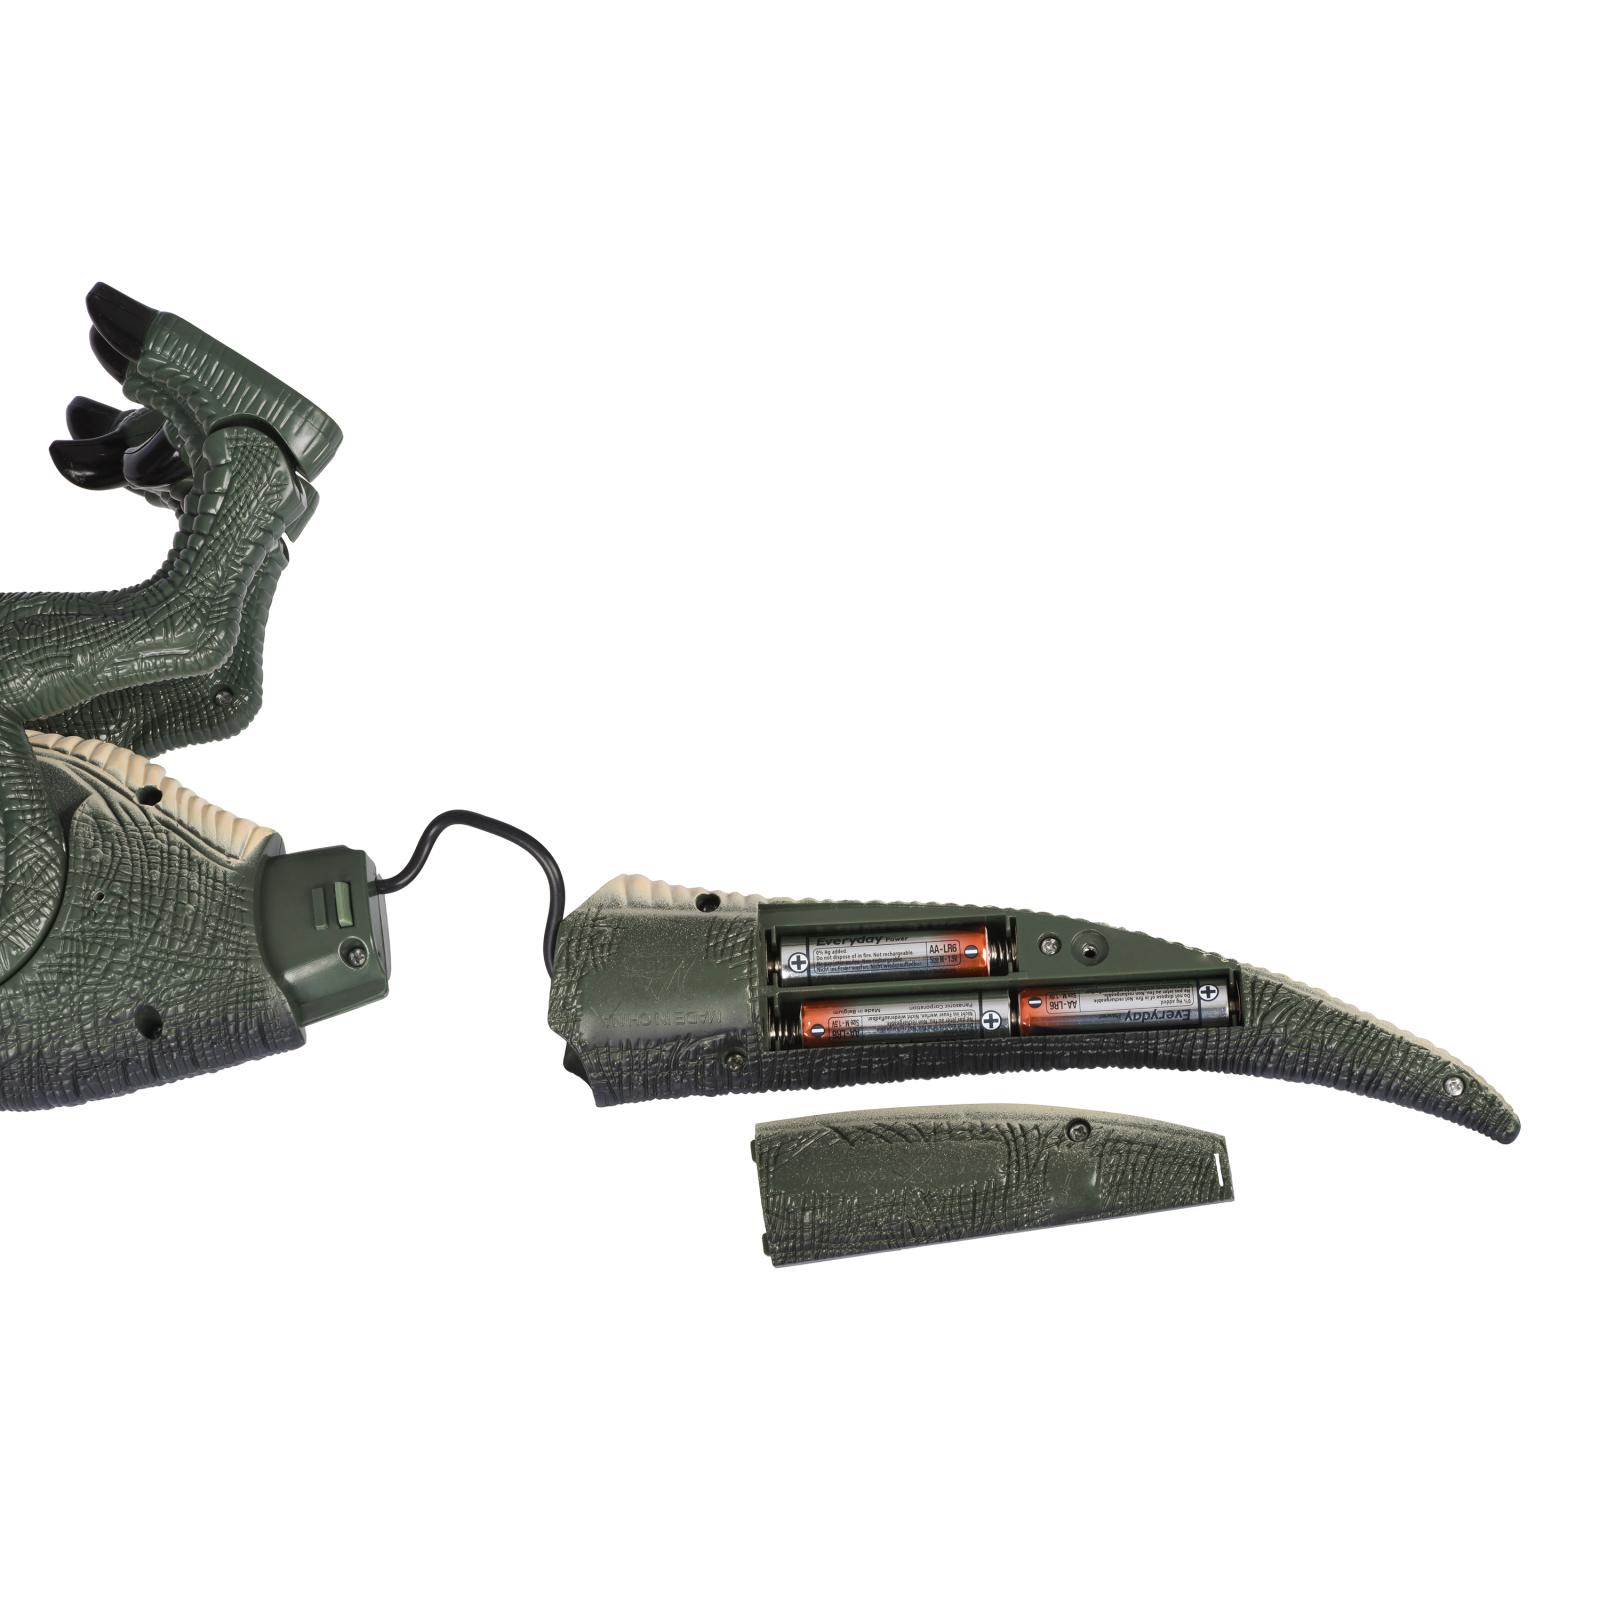 Интерактивная игрушка Same Toy Динозавр Dinosaur World зеленый со светом звуком (RS6124Ut) изображение 10